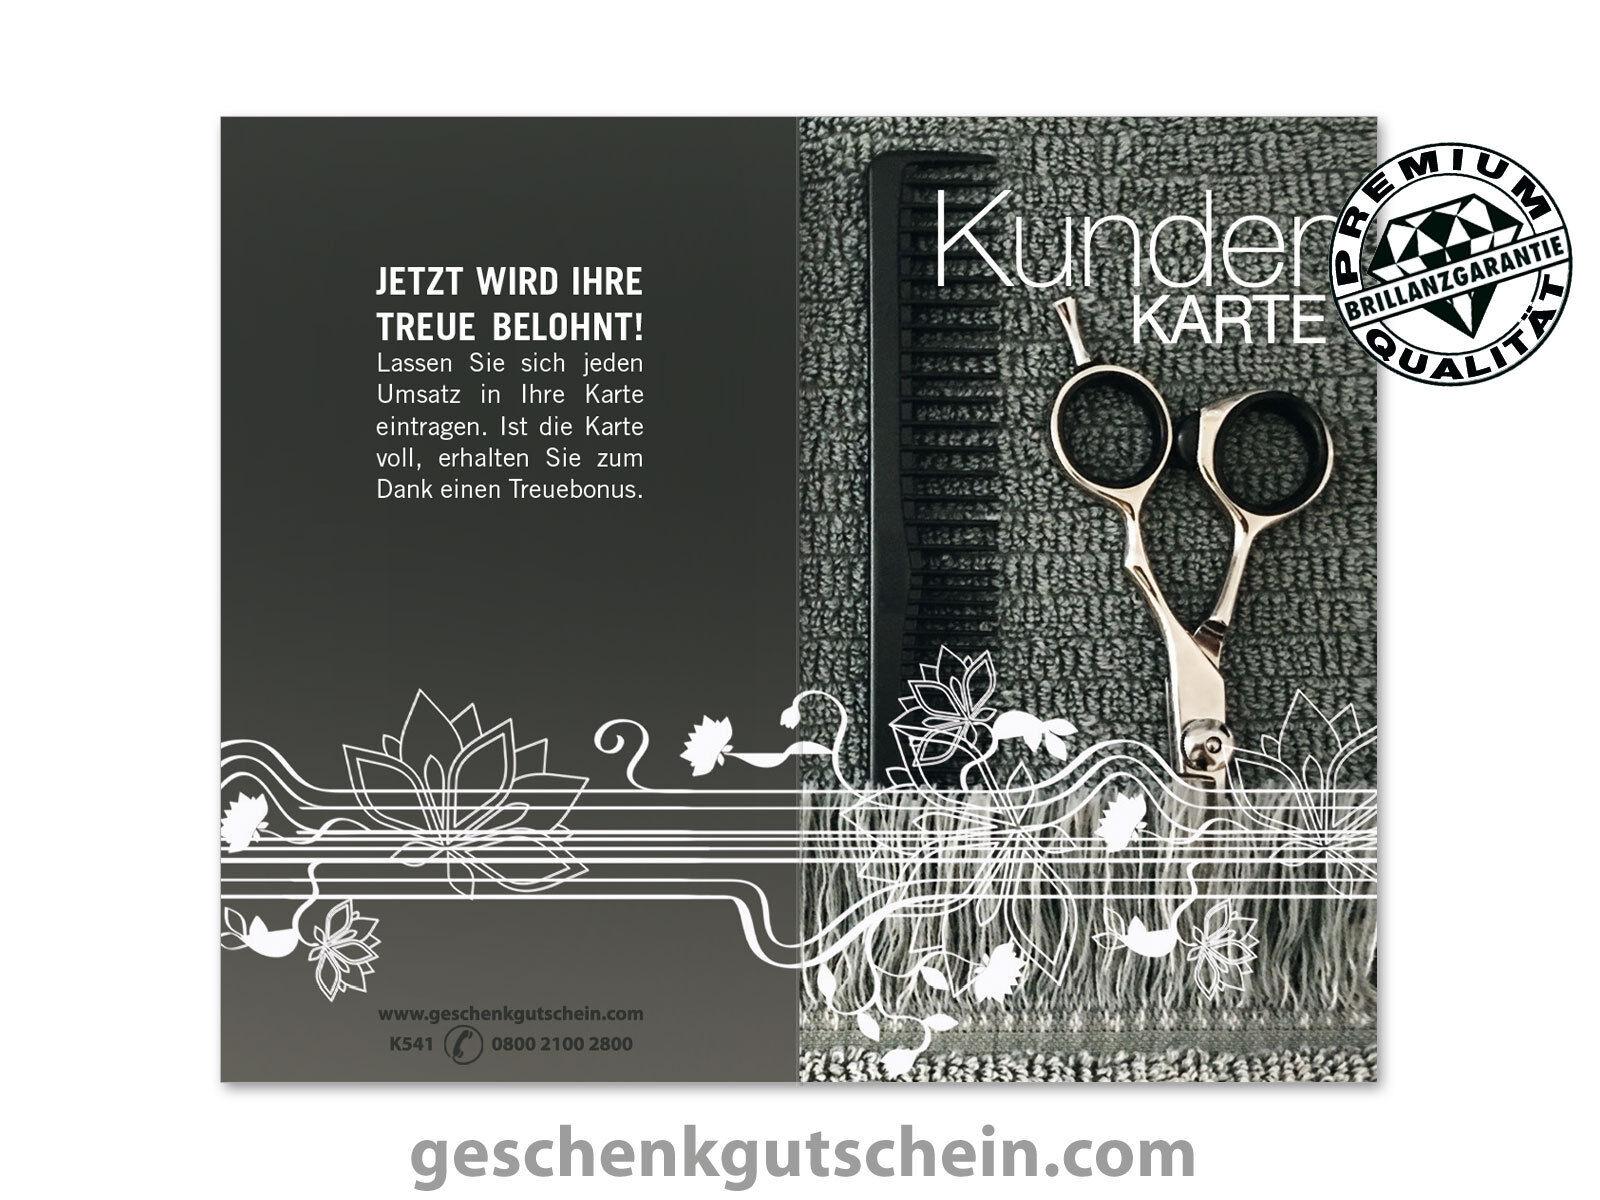 Kundenkarten für Friseure Coiffeur Haarstudio Hairstyling Frisöre K541   Stilvoll und lustig    Genial Und Praktisch